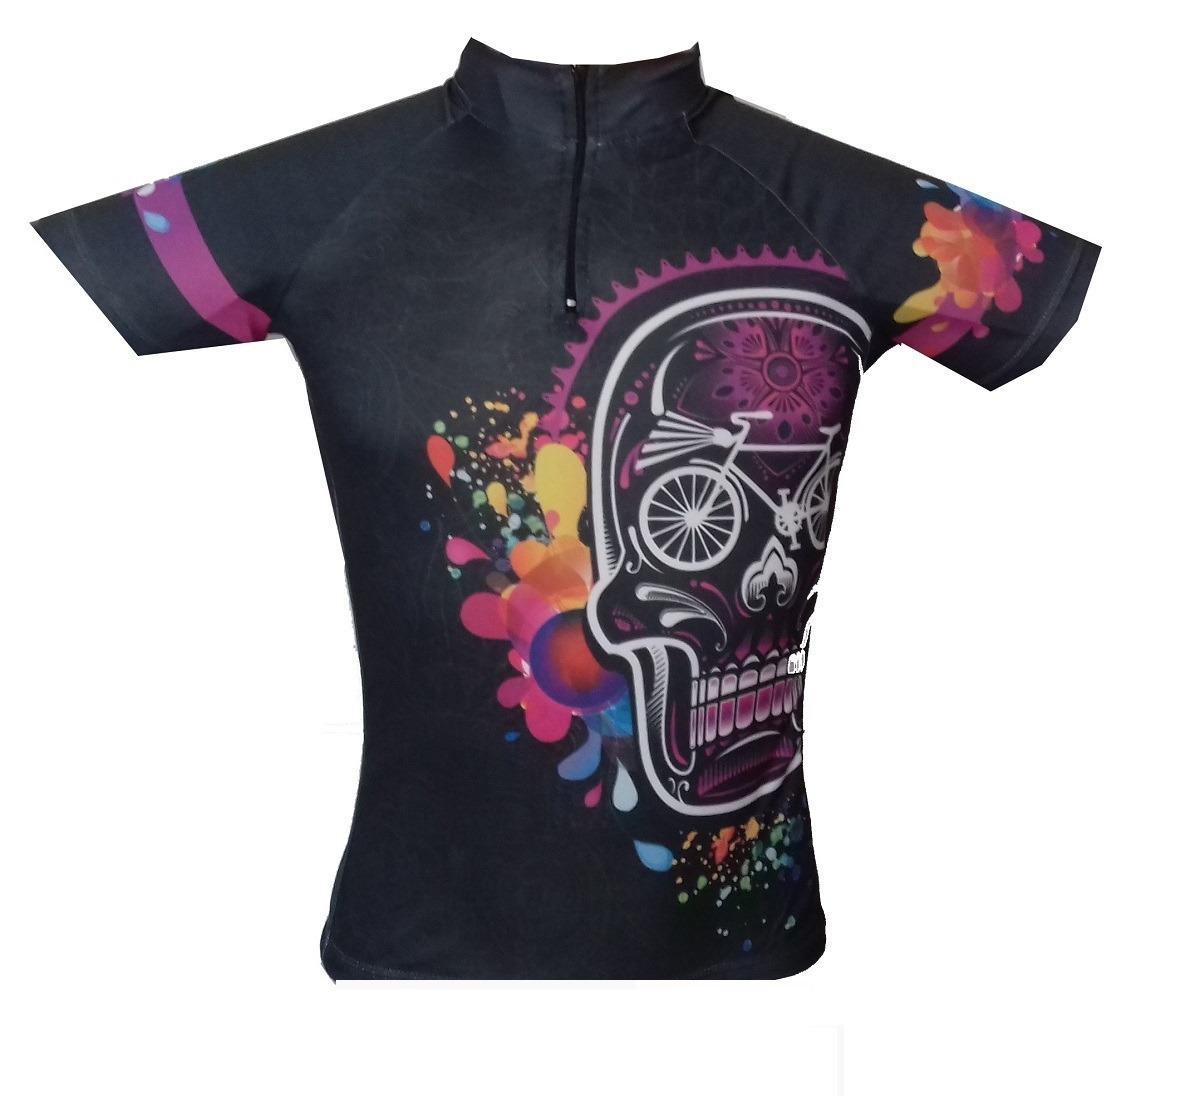 d2cc52159a camisa ciclismo feminina roupas para de ciclismo mtb bike 02. Carregando  zoom.